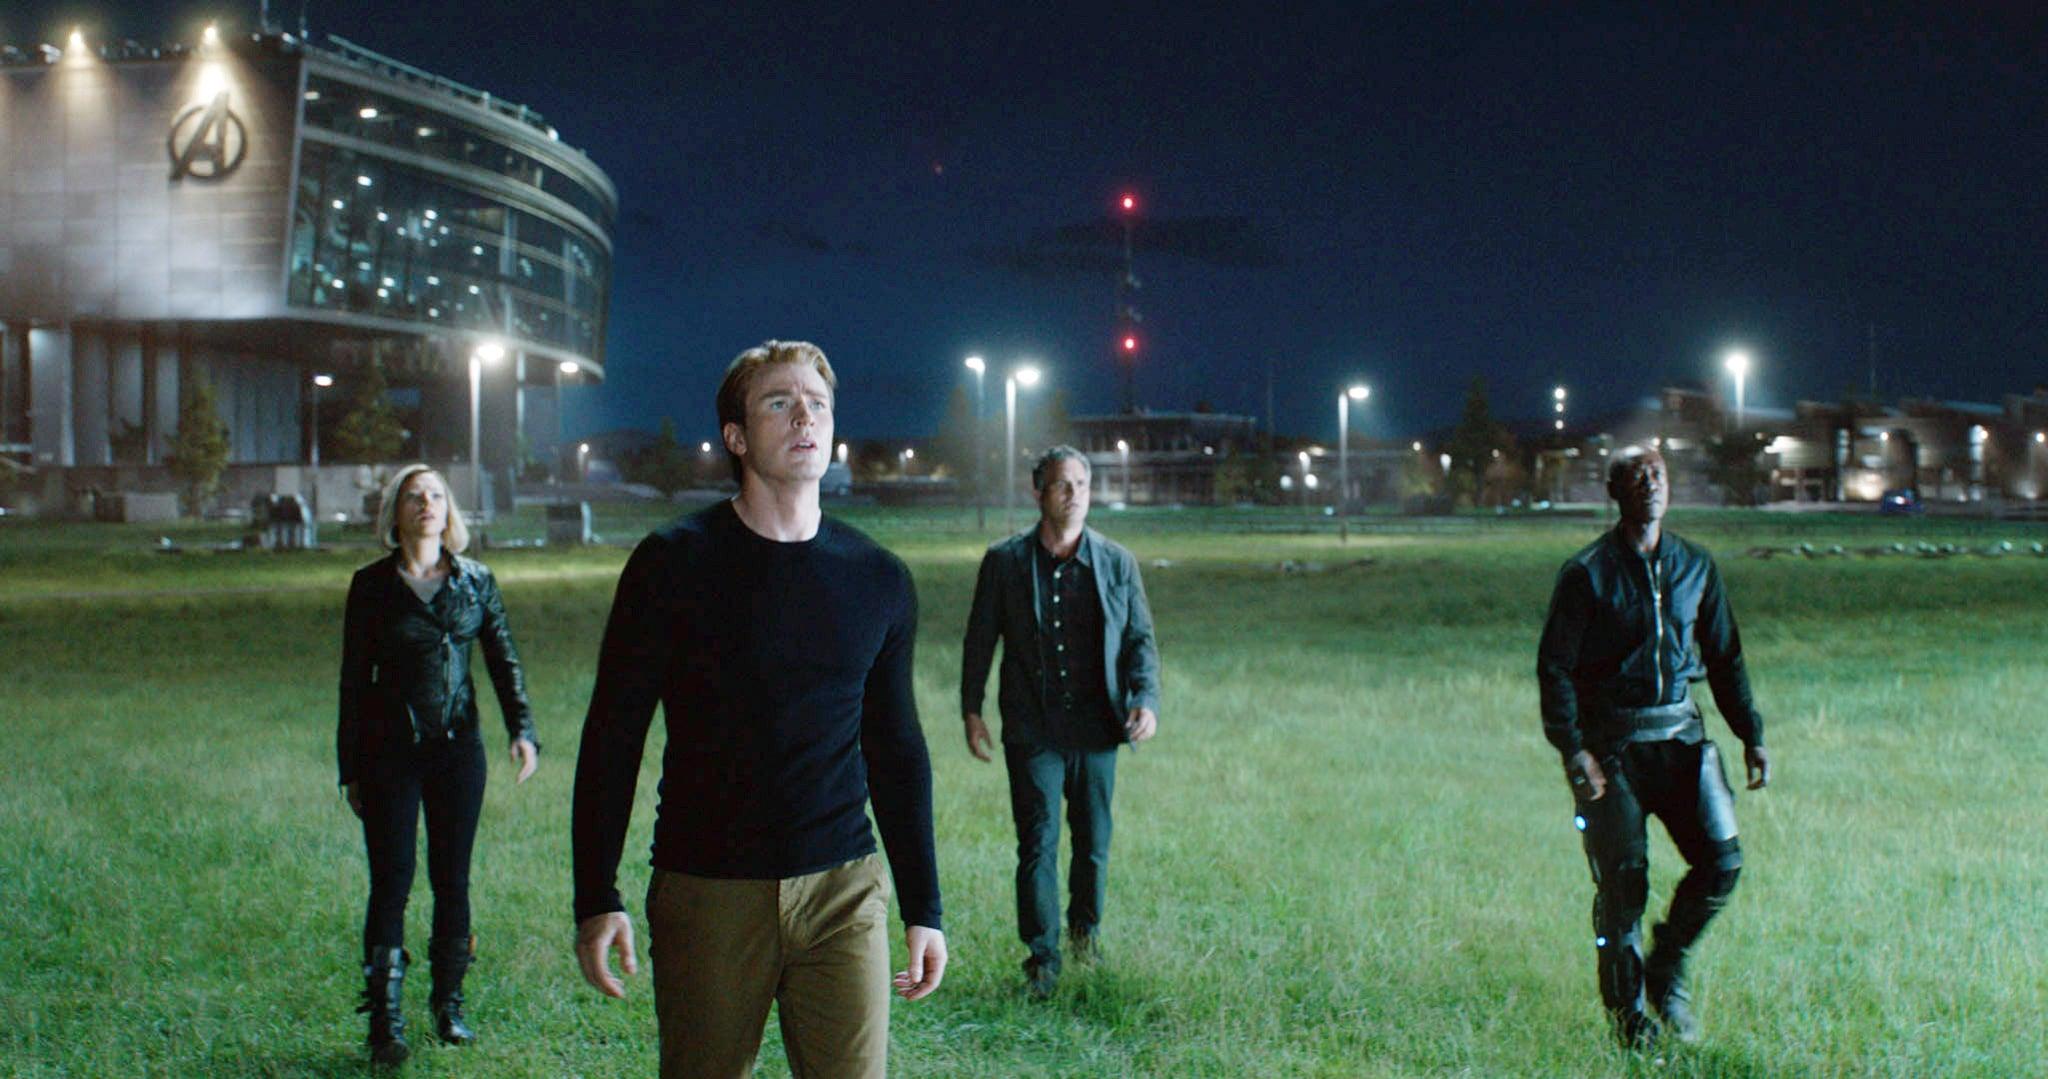 avengers endgame field.jpg